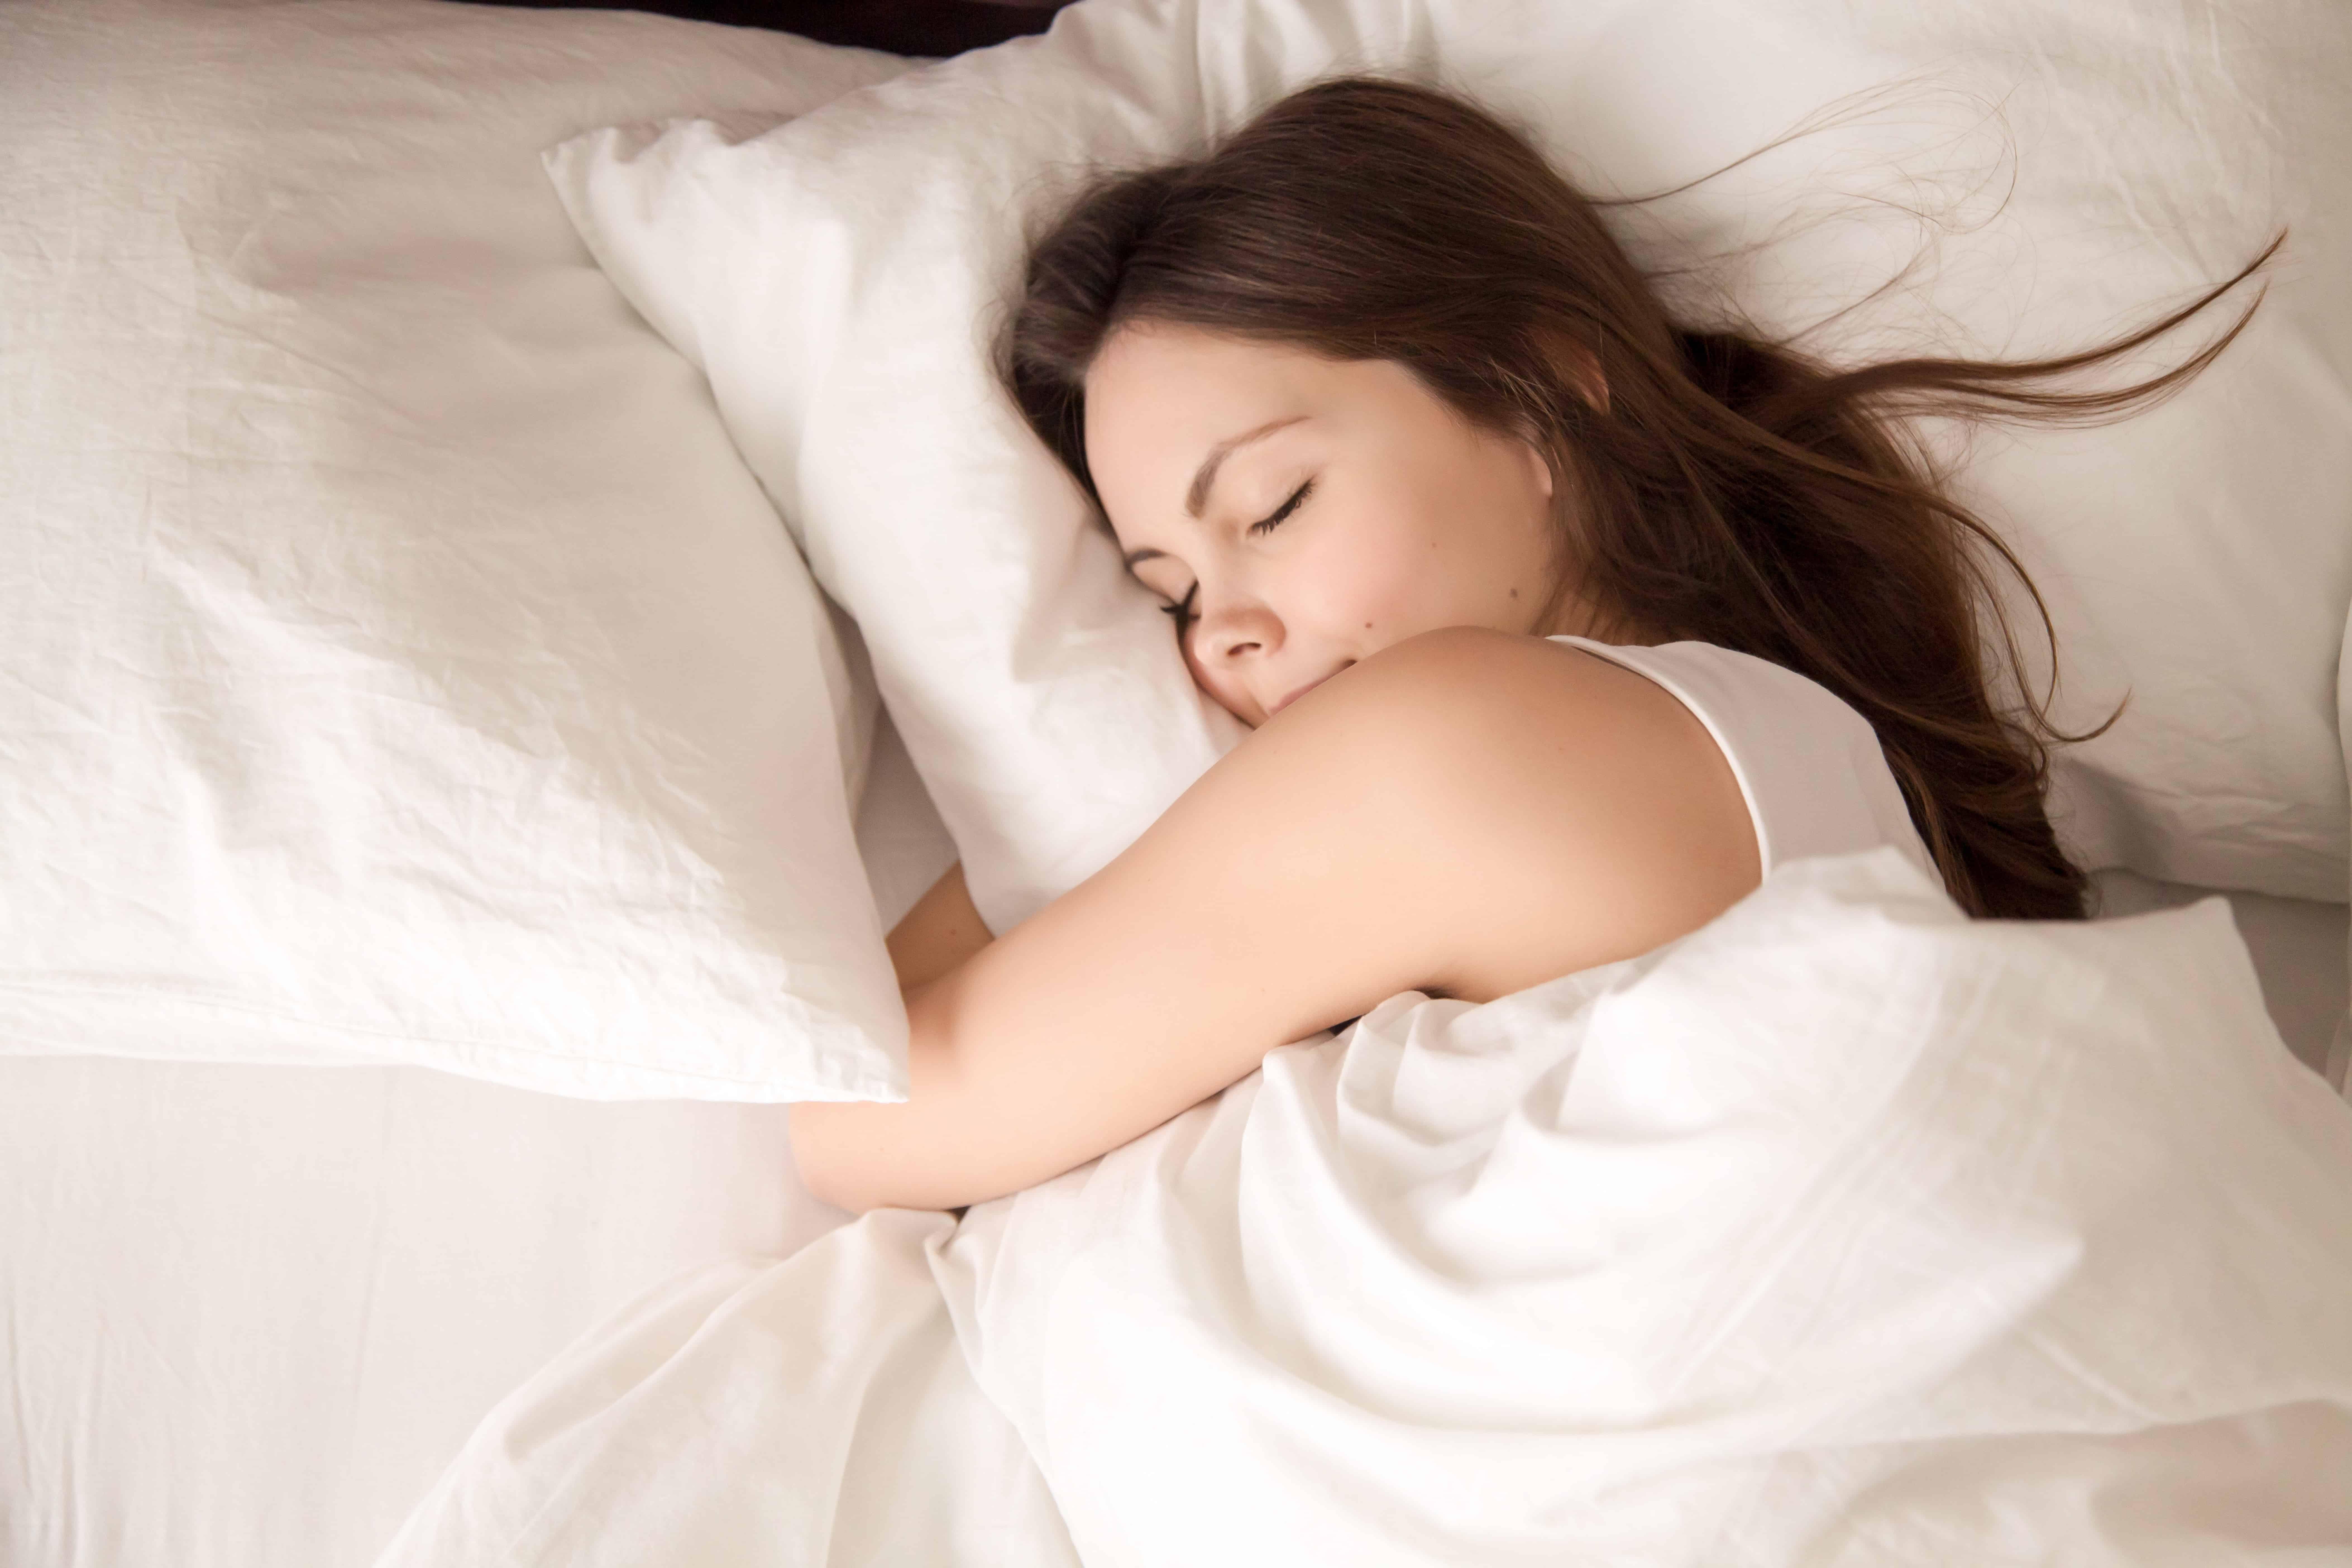 Schnell einschlafen: 8 nützliche Tipps zum schnellen Einschlafen